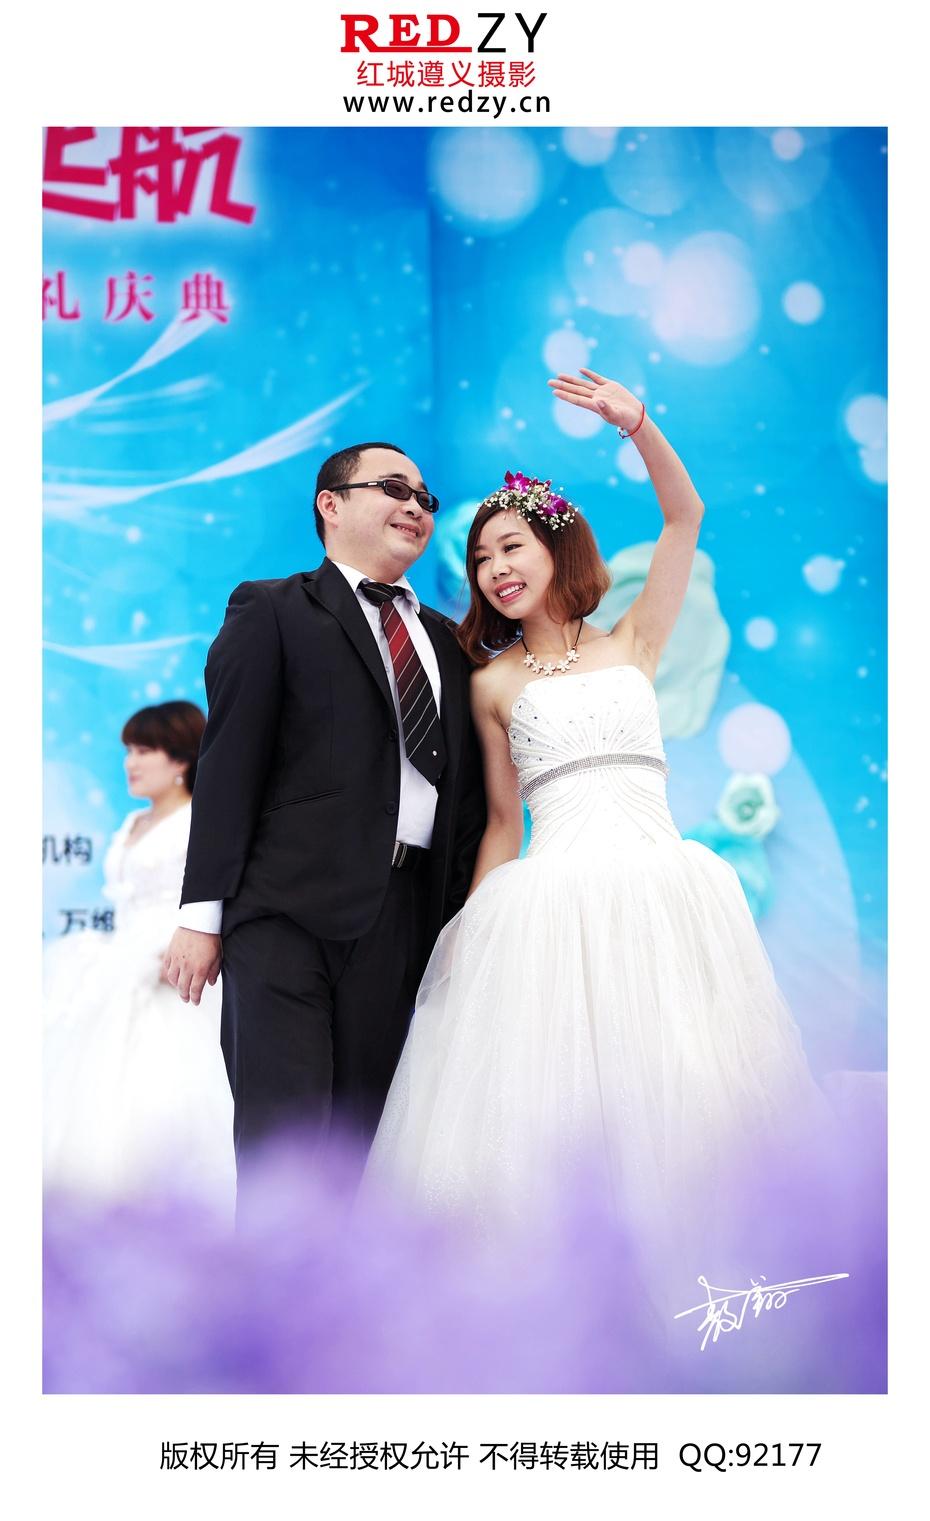 百位新人露天婚礼  齐声喊出520 - 爱历史 - 爱历史---老照片的故事